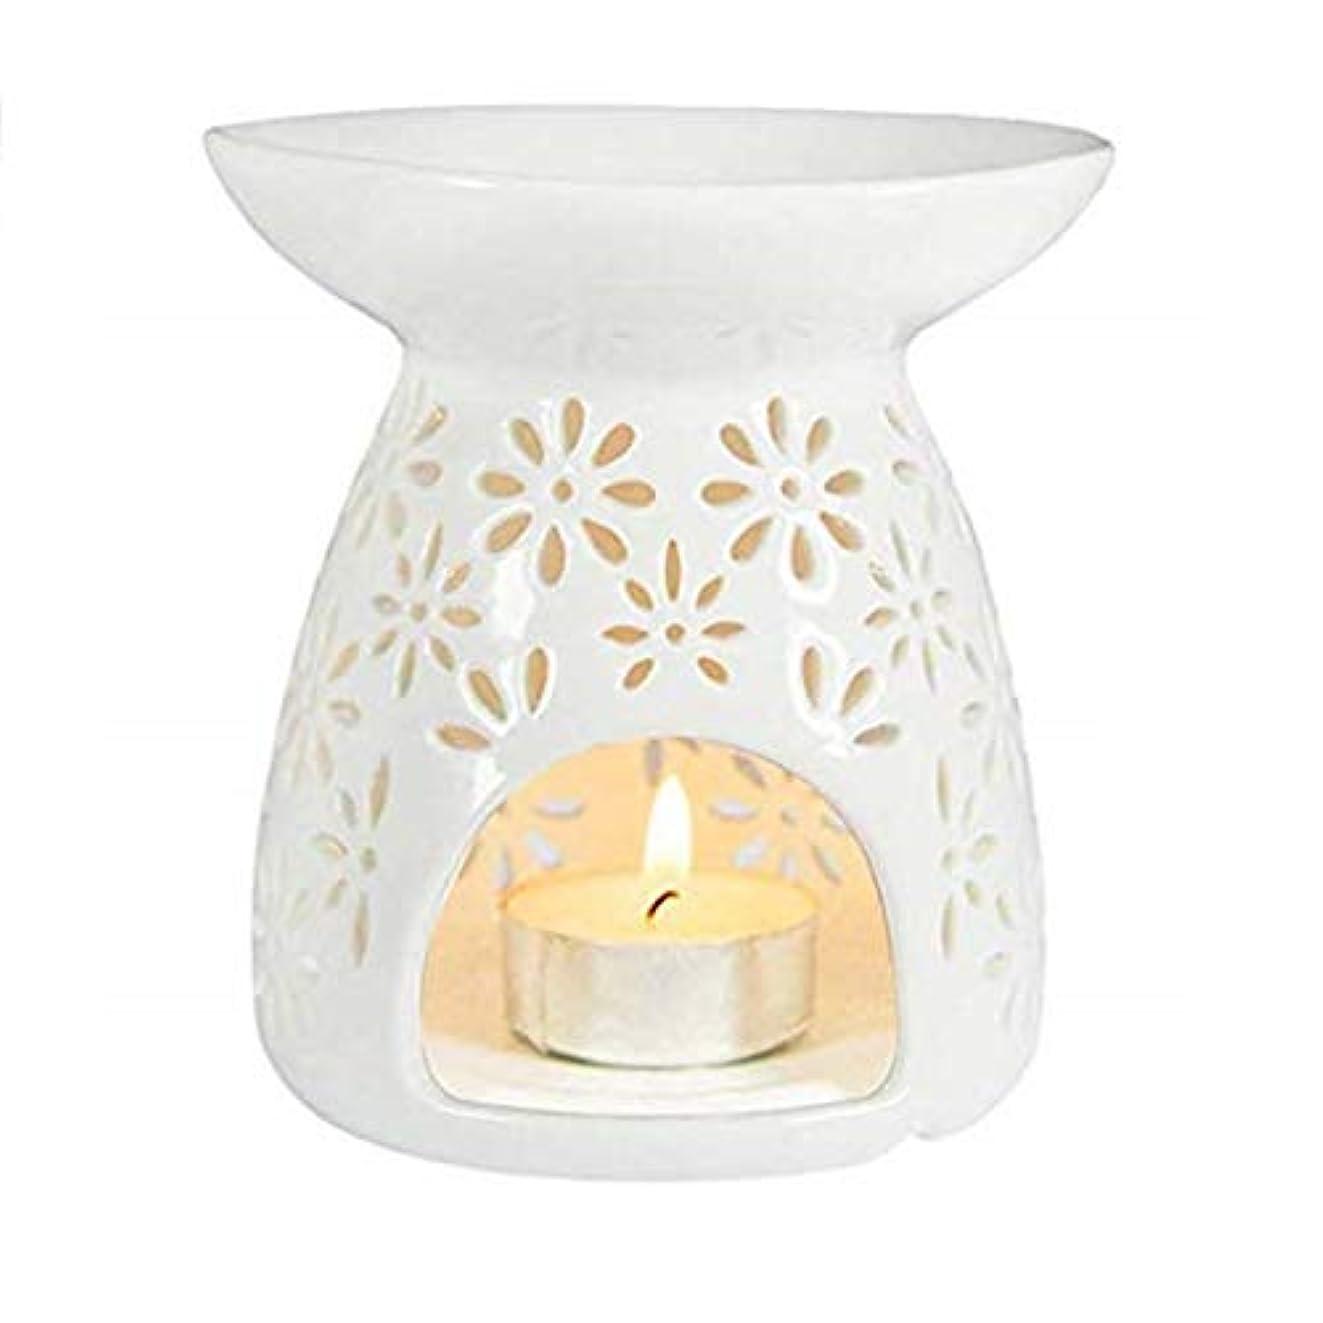 フロント回答カヌーシンプルモダン中空ラウンドセラミック香炉ホームフレグランスギフト装飾香ホルダーオイルバーナーティーライトホルダー (Color : White, サイズ : 3.74*3.93inchs)